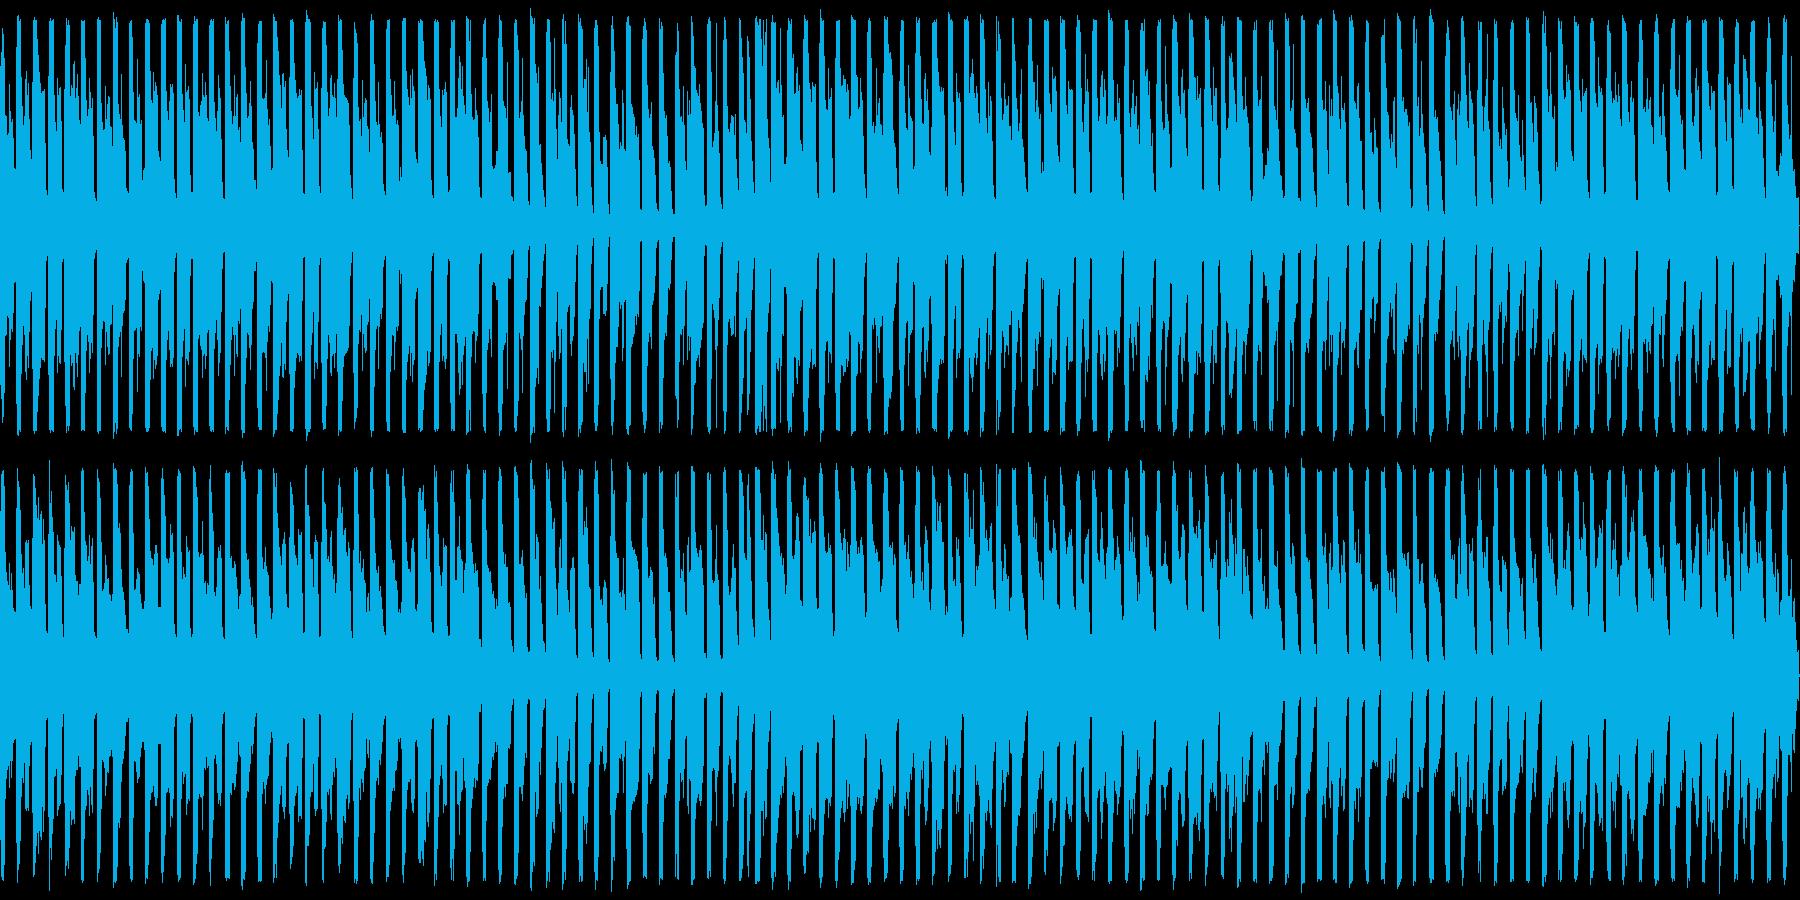 スロットガチャやカジノに最適なBGMの再生済みの波形